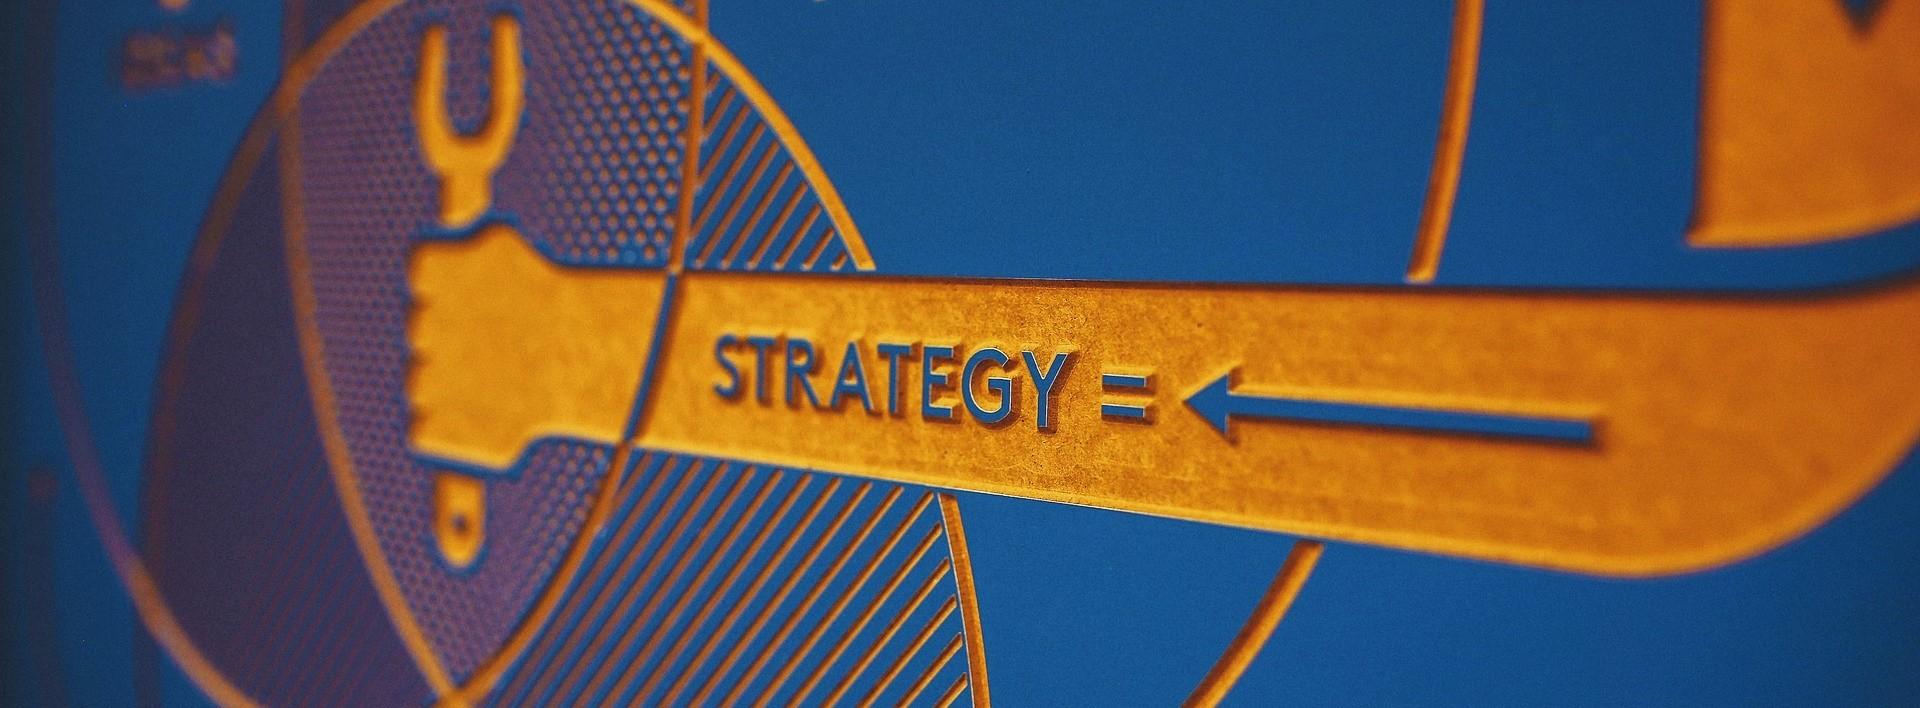 lead gen strategy effective online marketing